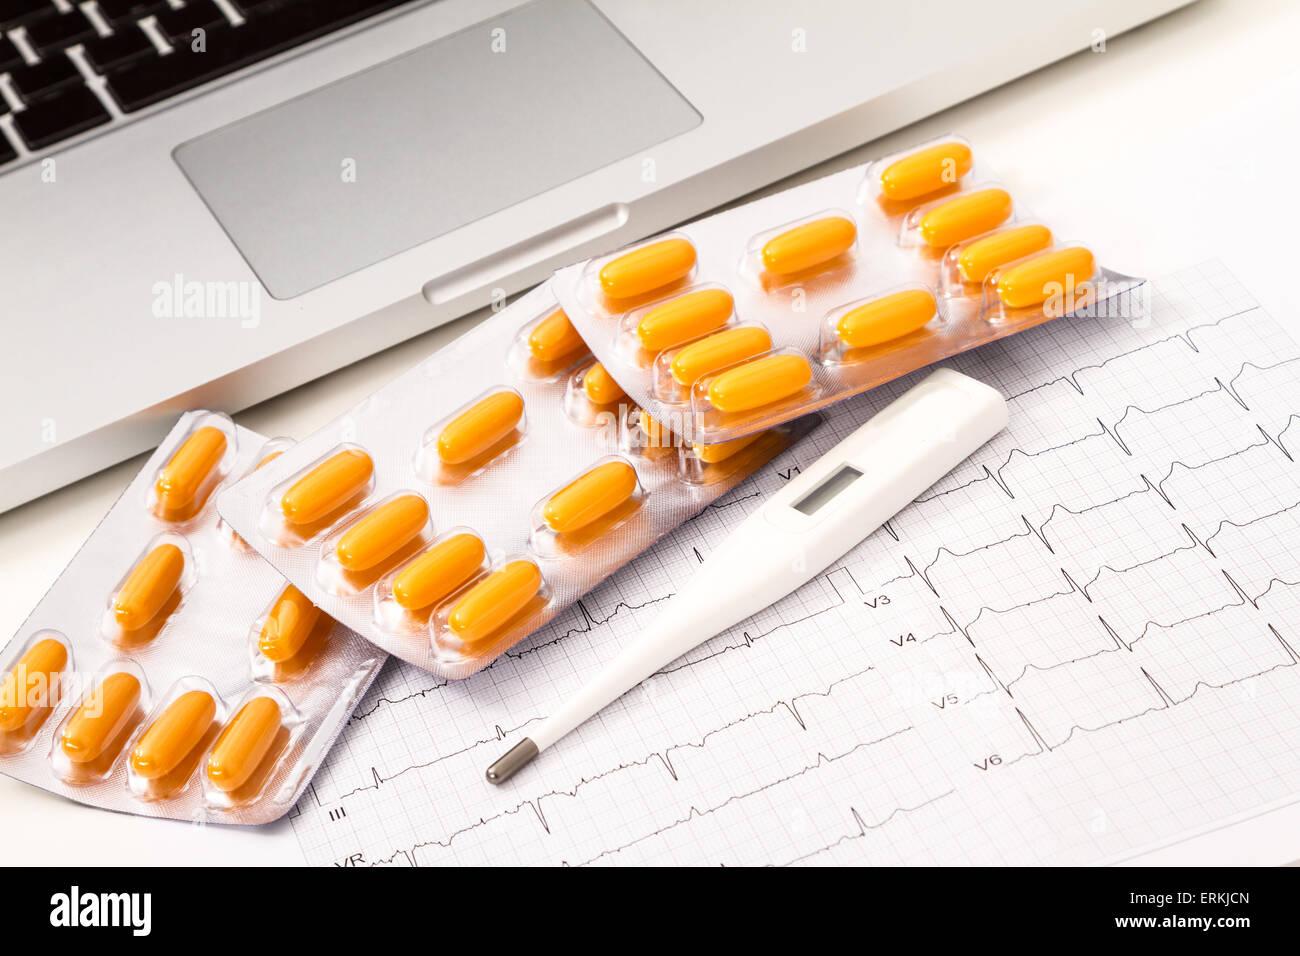 Un traitement médical pour une maladie cardiaque Photo Stock